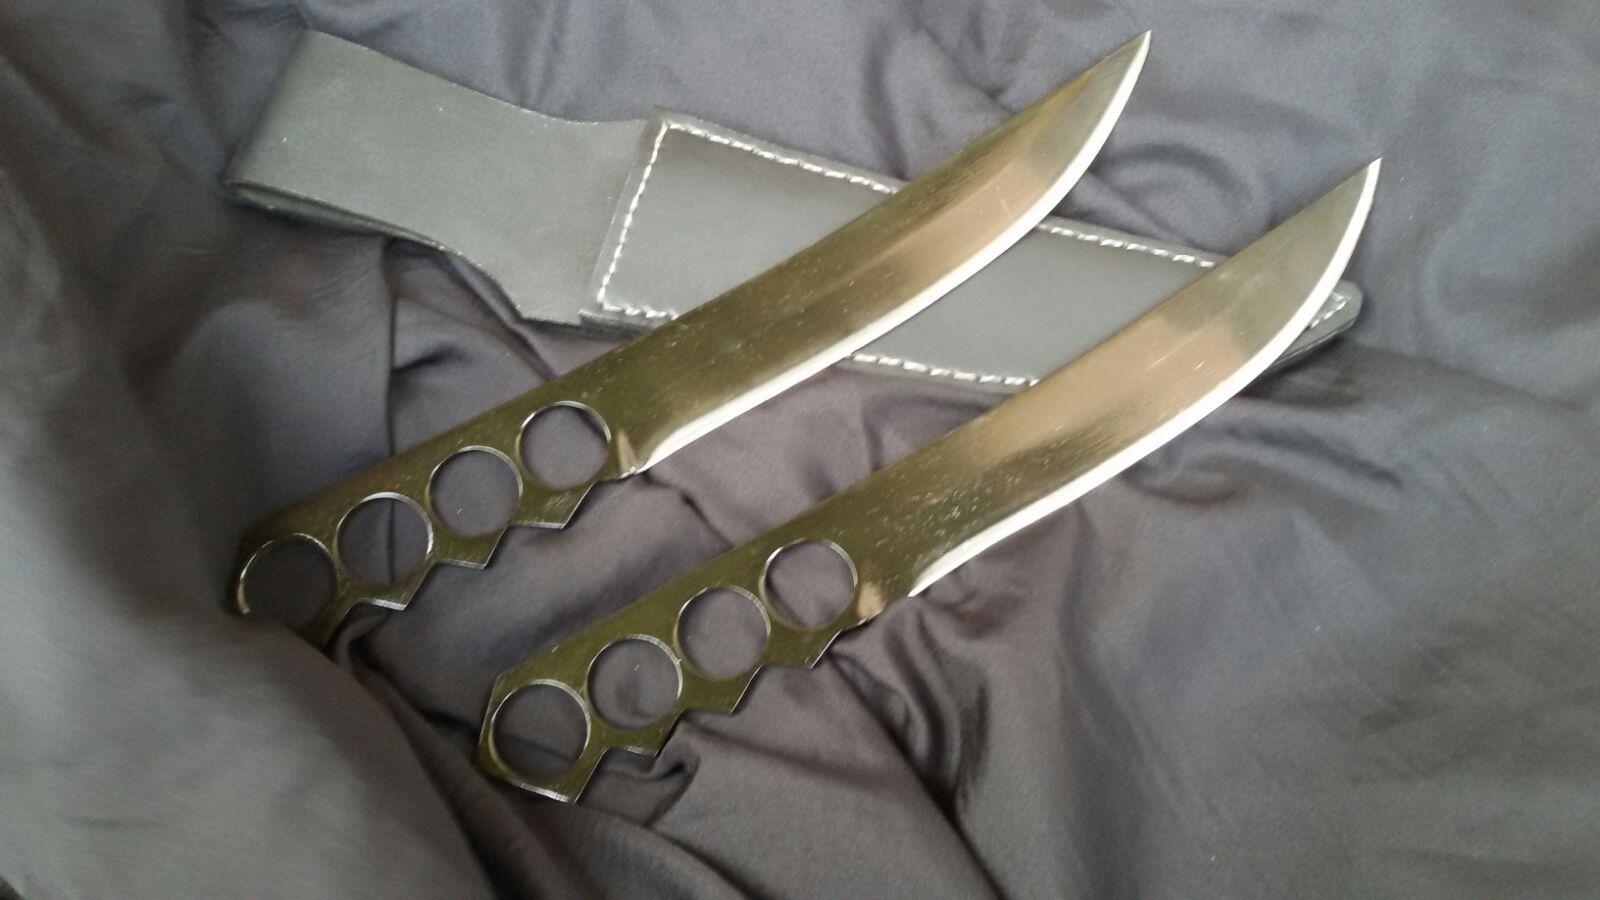 pabrik pedang katana samurai senjata ninja silat